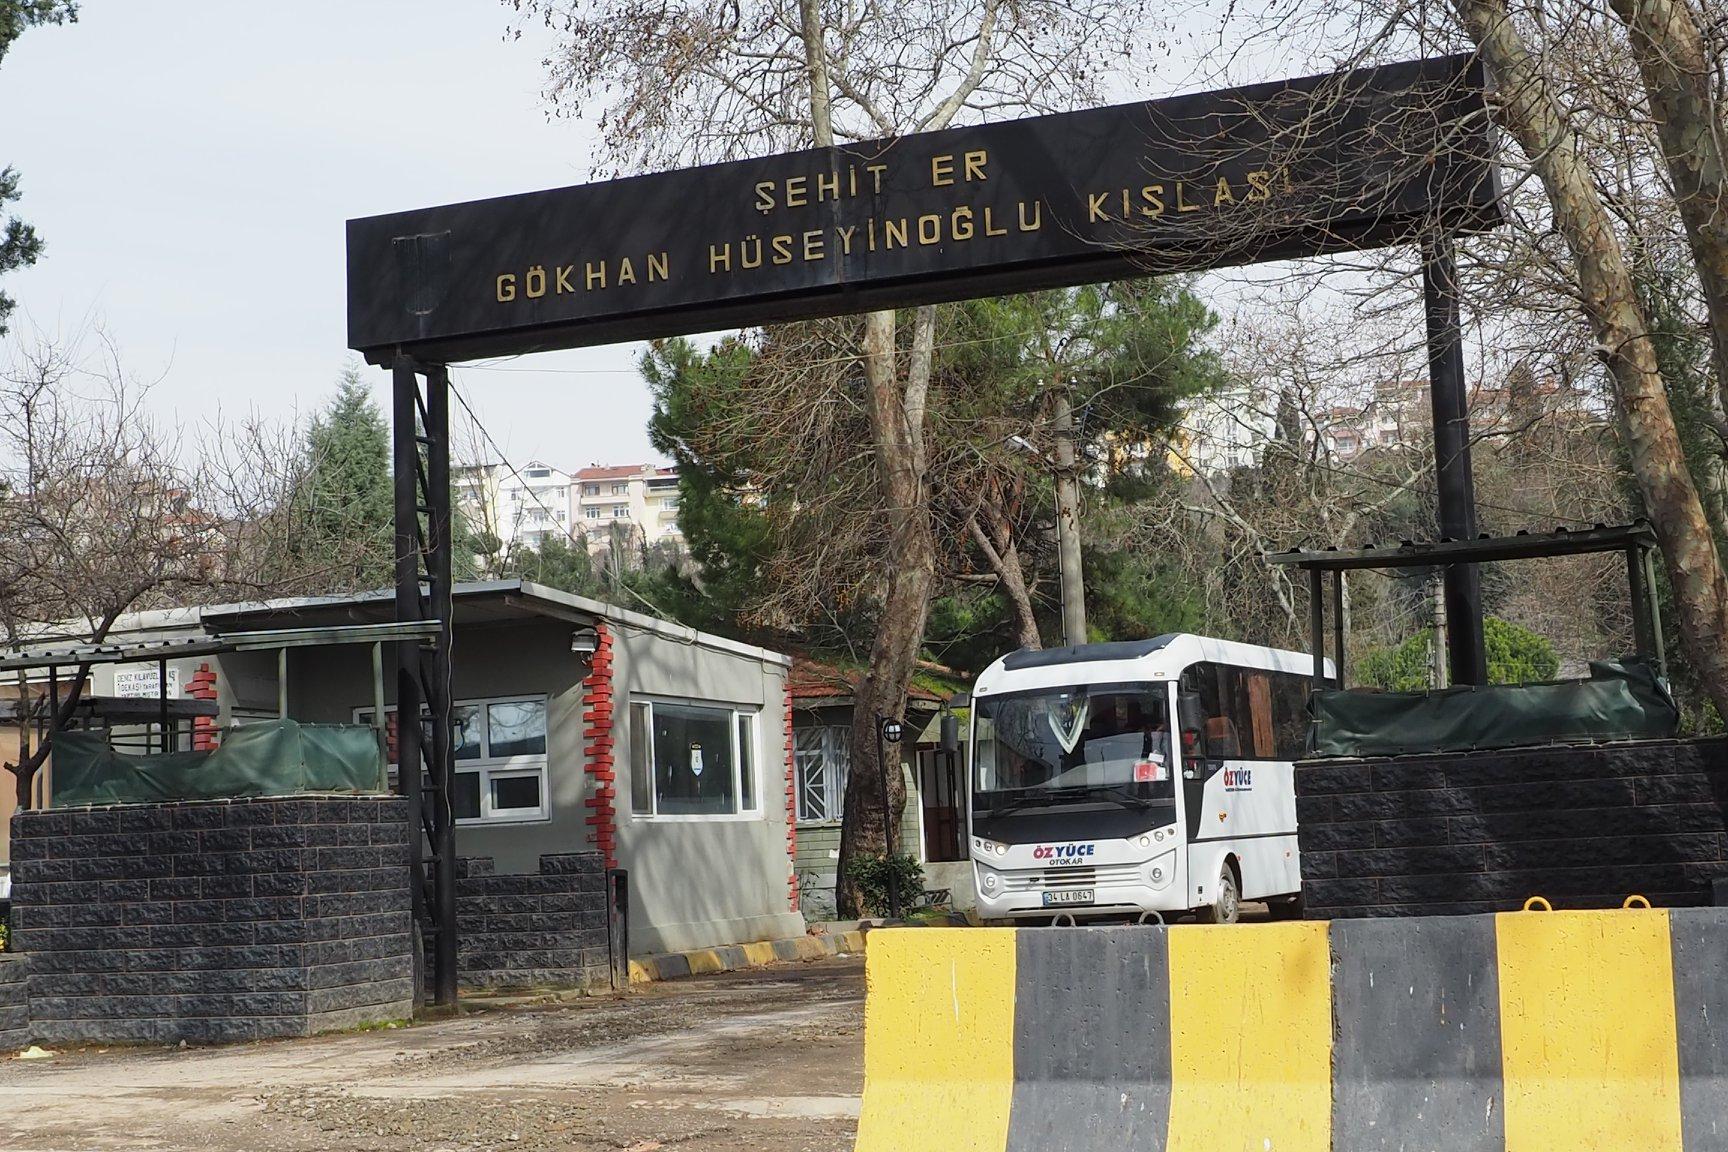 Askeri alan yağması Kocaeli'de: Park yapacağız dediler, ağaç katliamına başladılar!